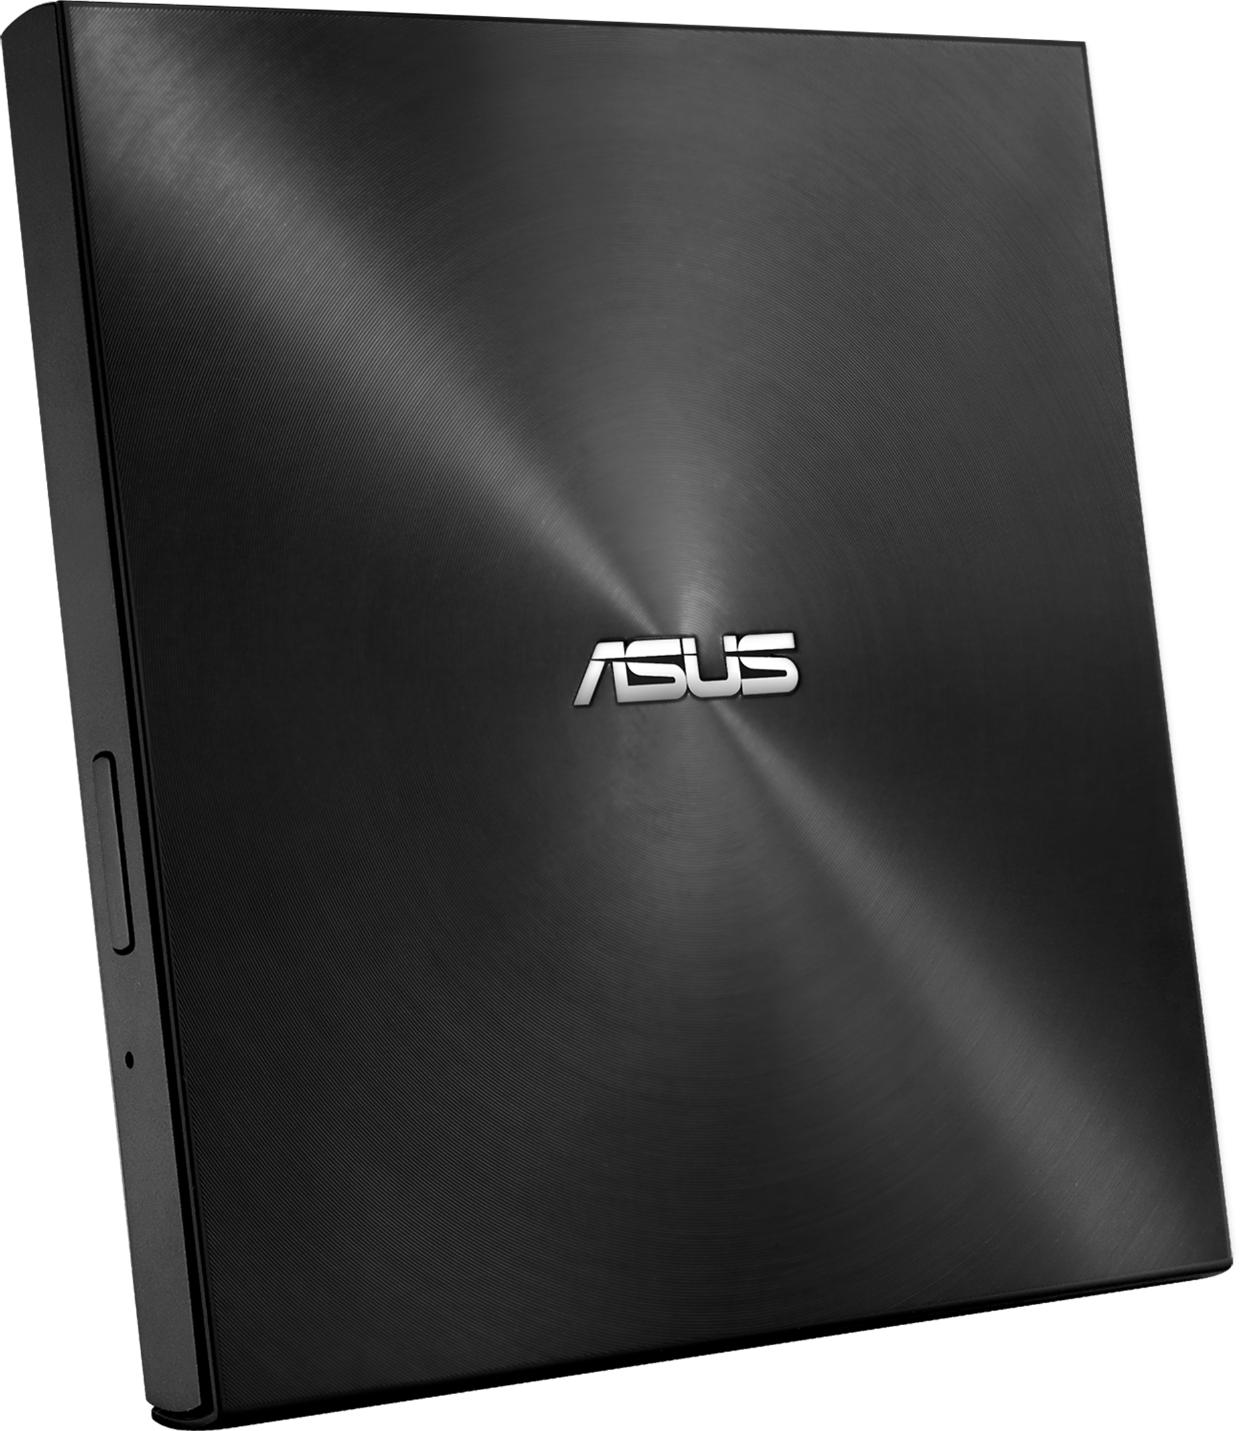 Външно записващо устройство ASUS ZenDrive U8M ultraslim, DVD drive & writer, USB C, Черно-4